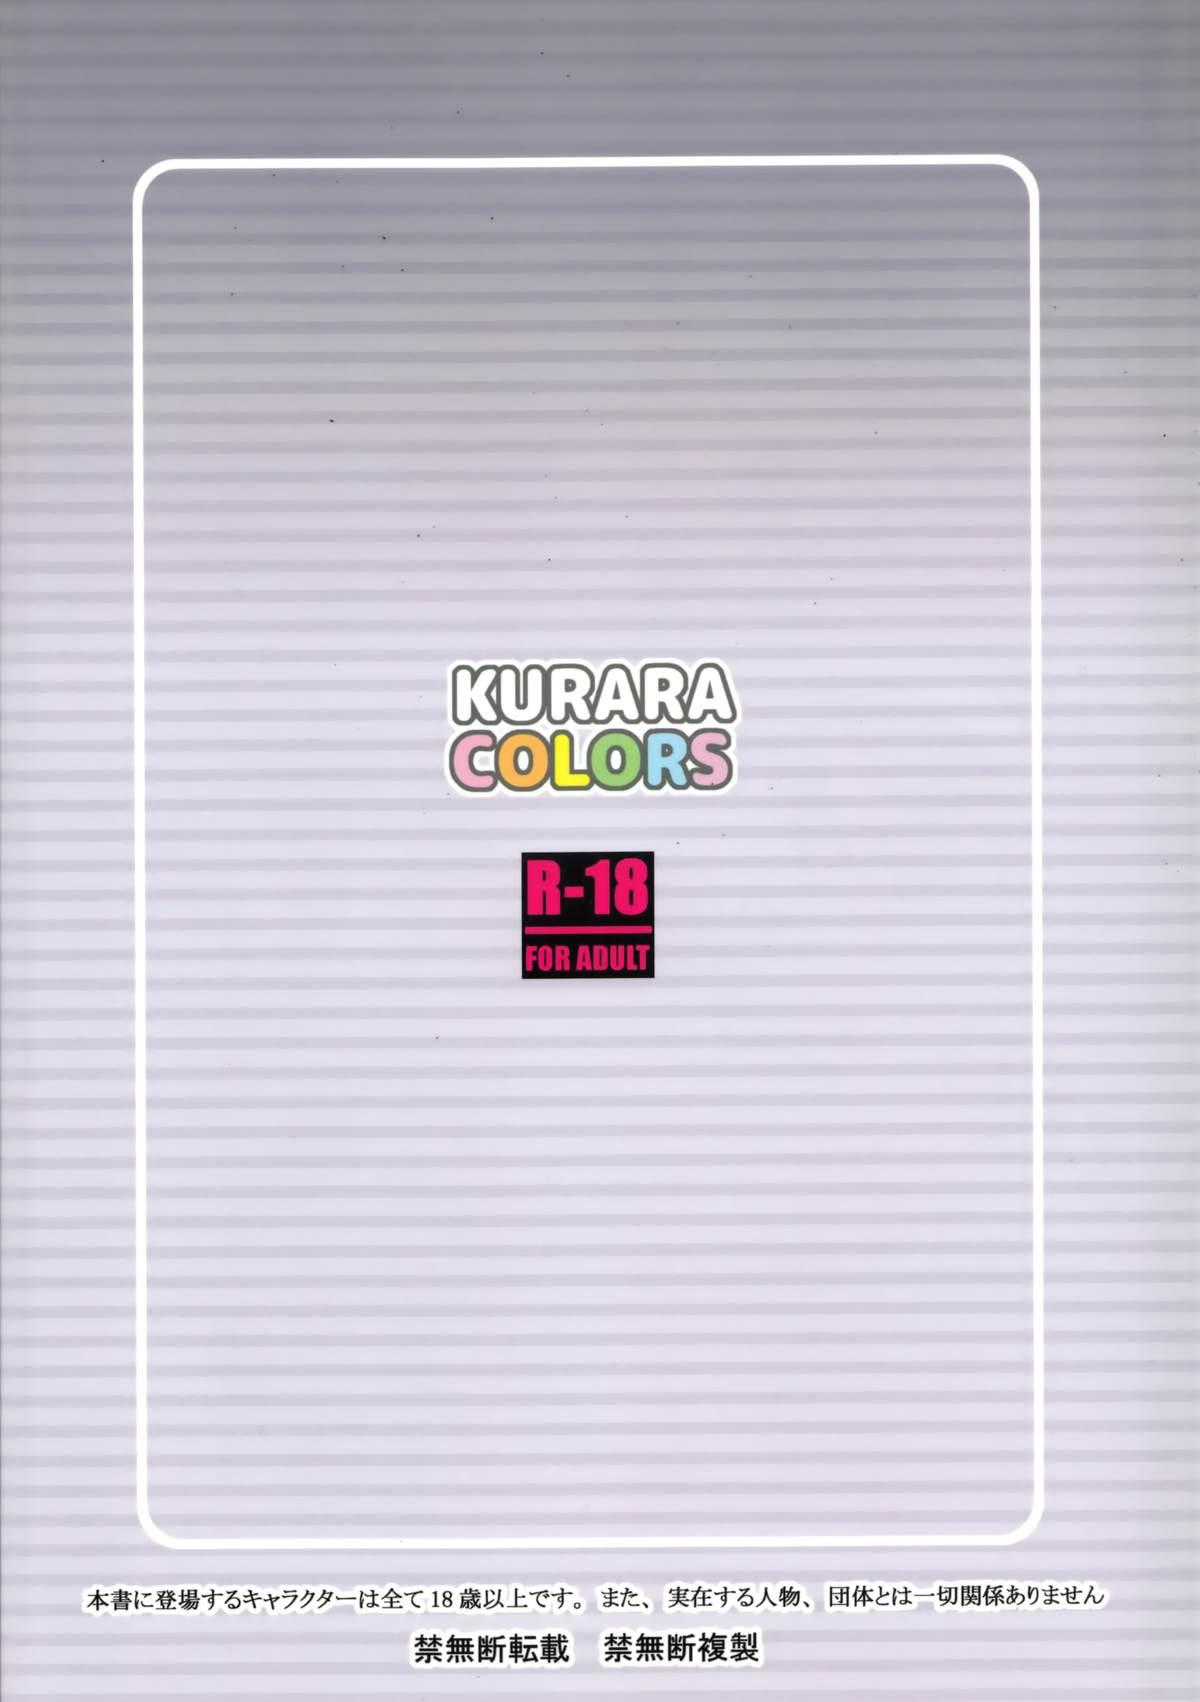 KURARA COLORS 12